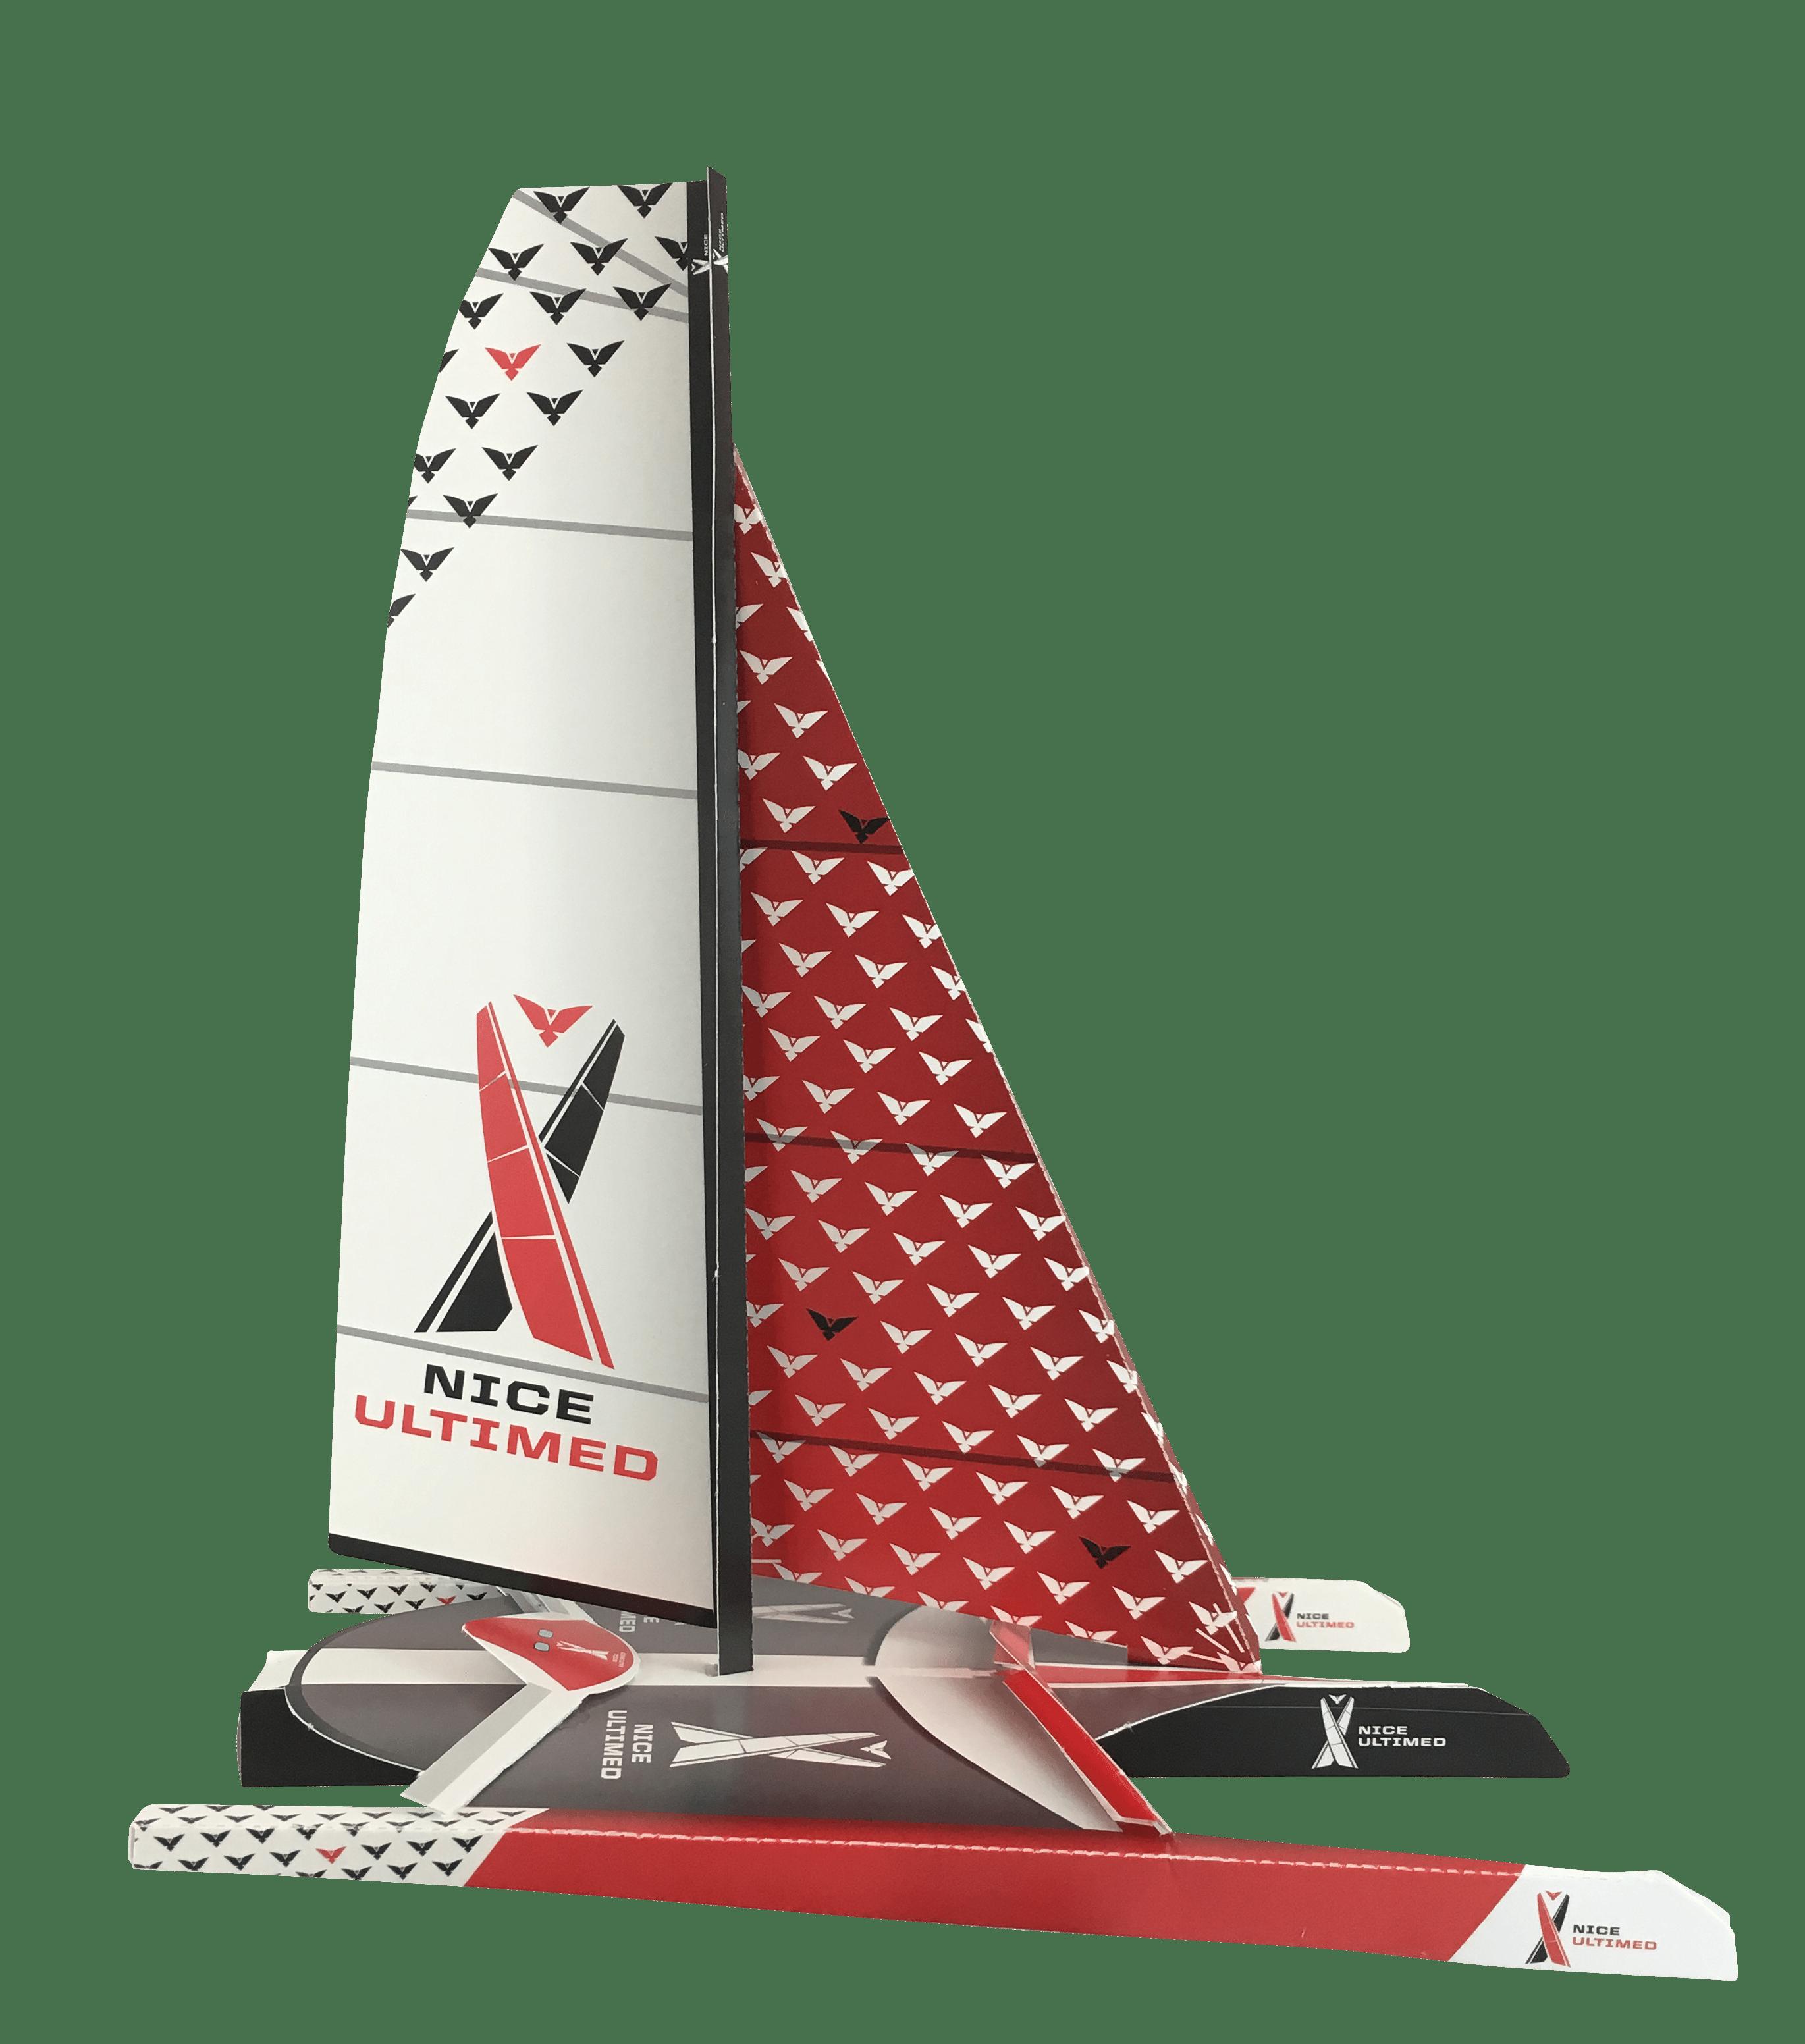 IMG_5163.png - Maquette en papier réalisée pour la première édition de la Nice Ultimed, en 2018